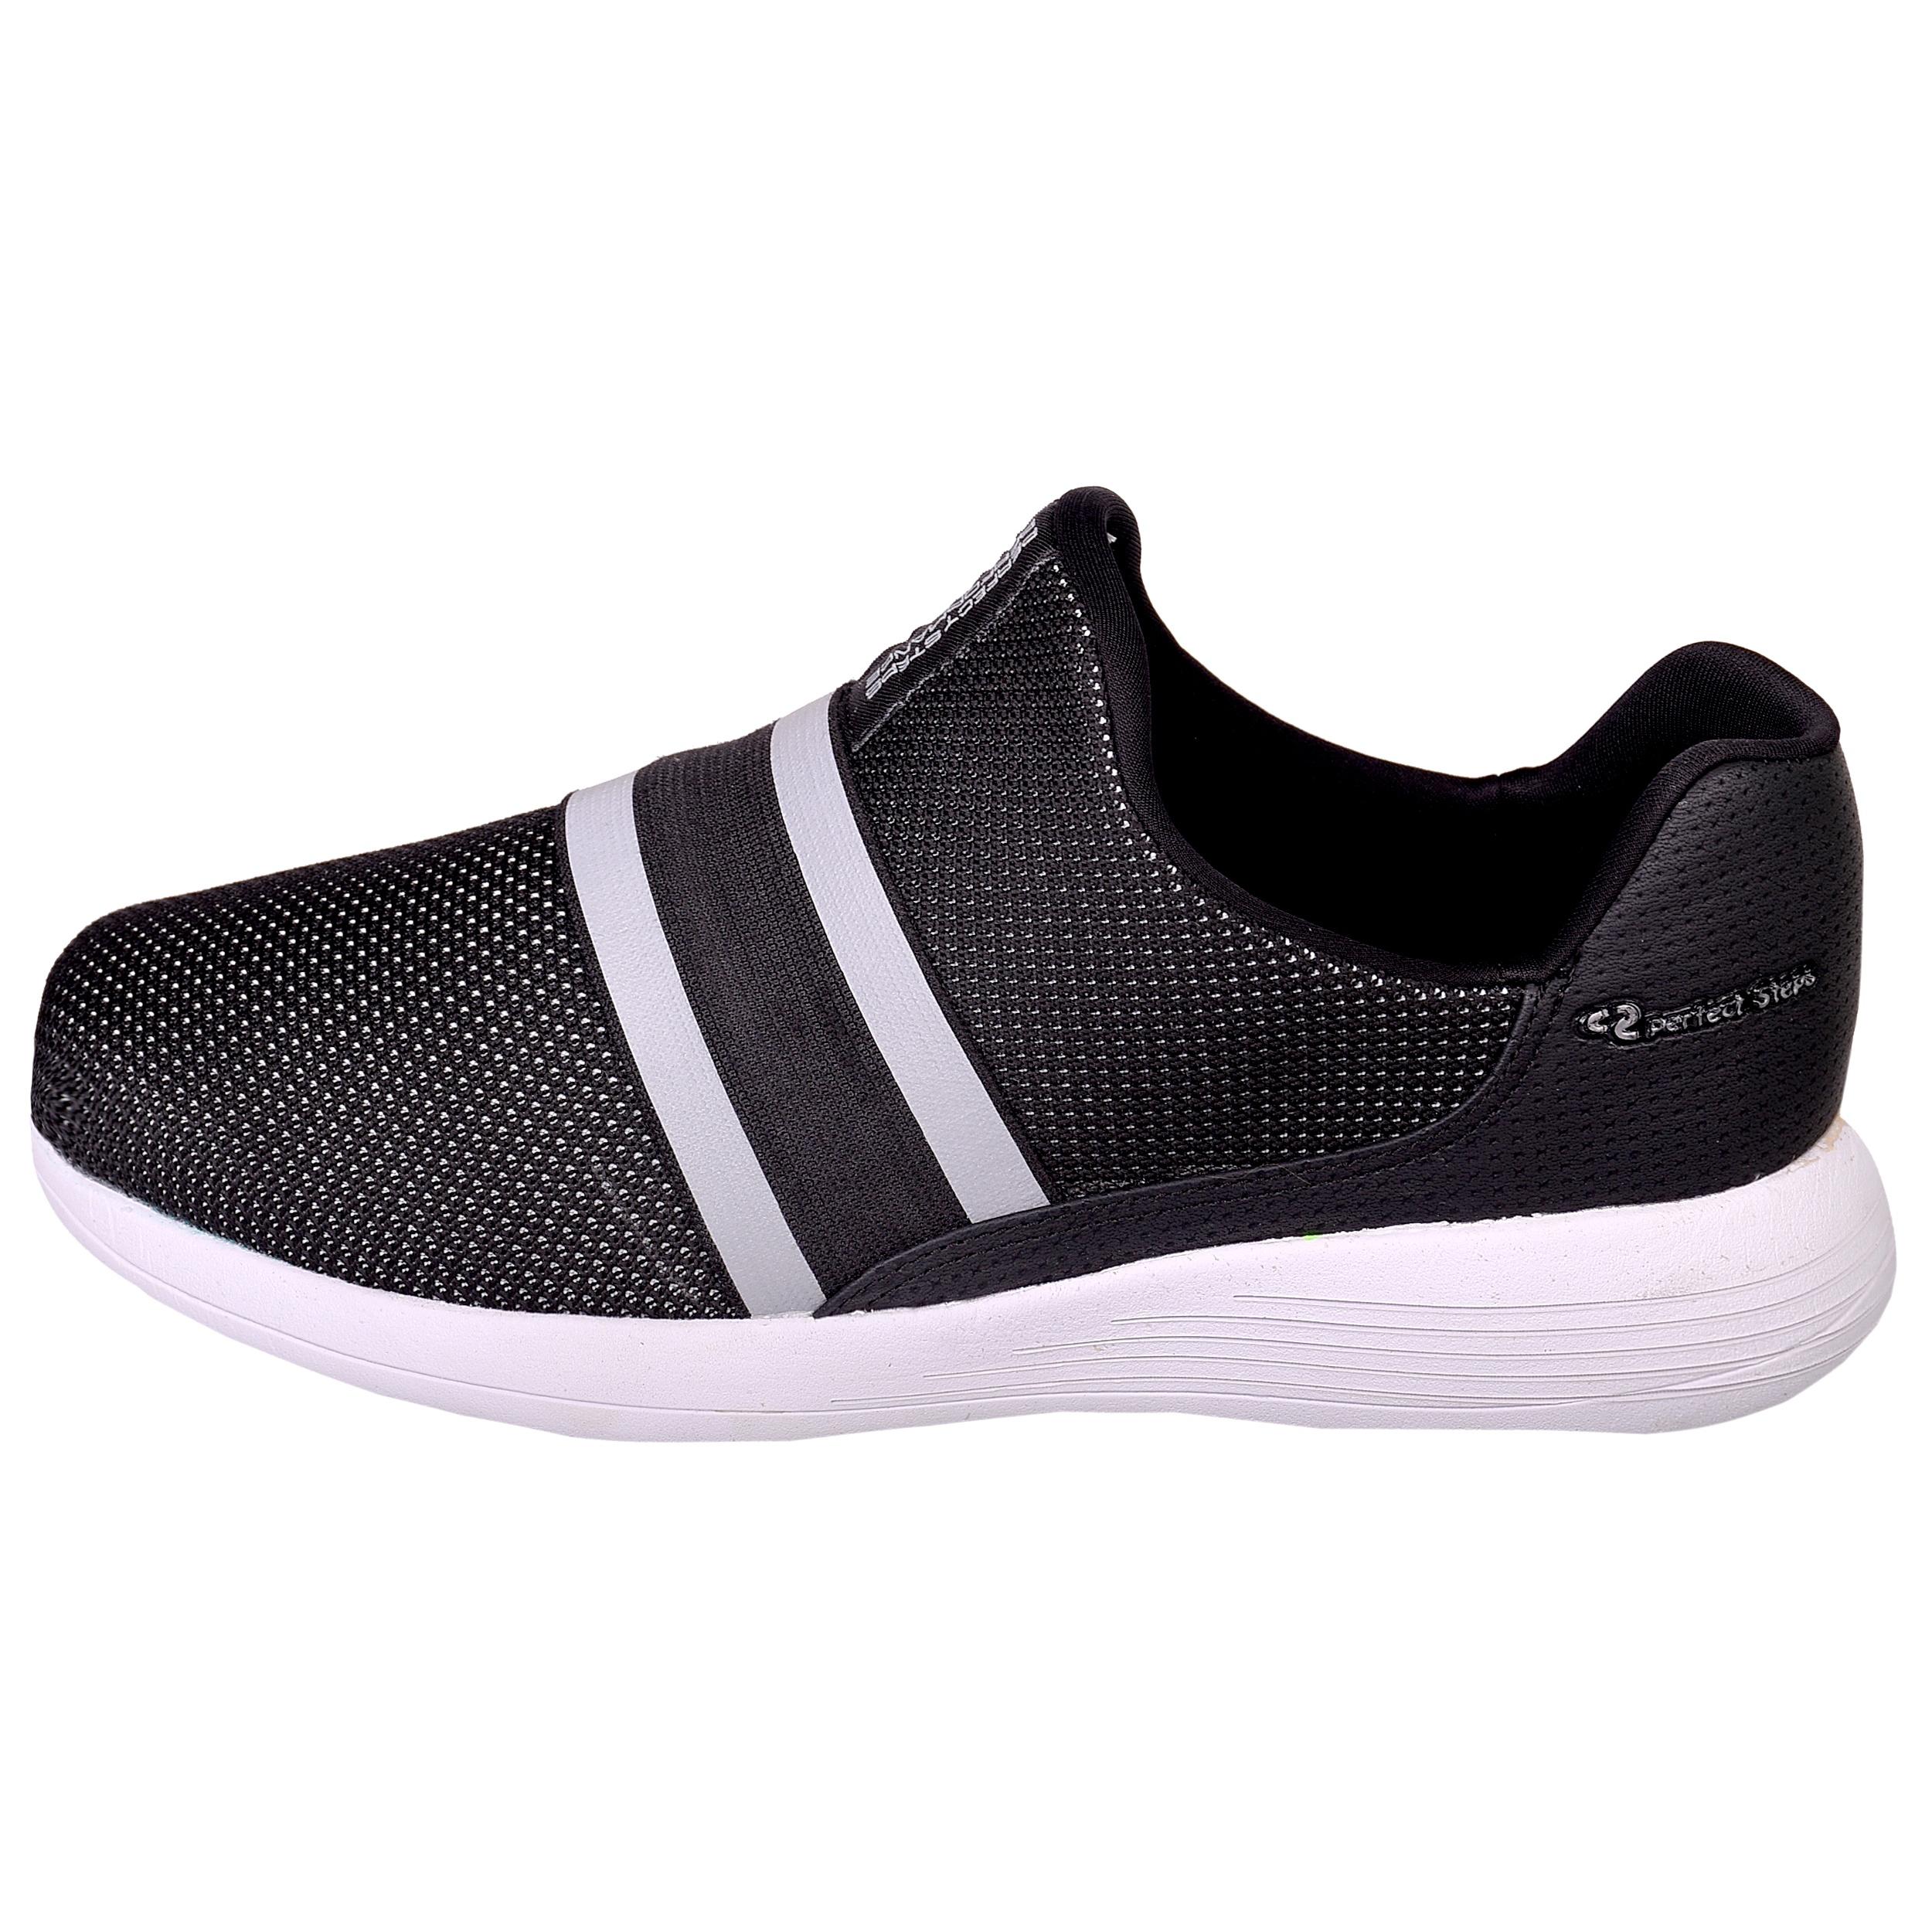 کفش مخصوص پیاده روی مردانه پرفکت استپس مدل پرفورمنس کد 1936 رنگ مشکی